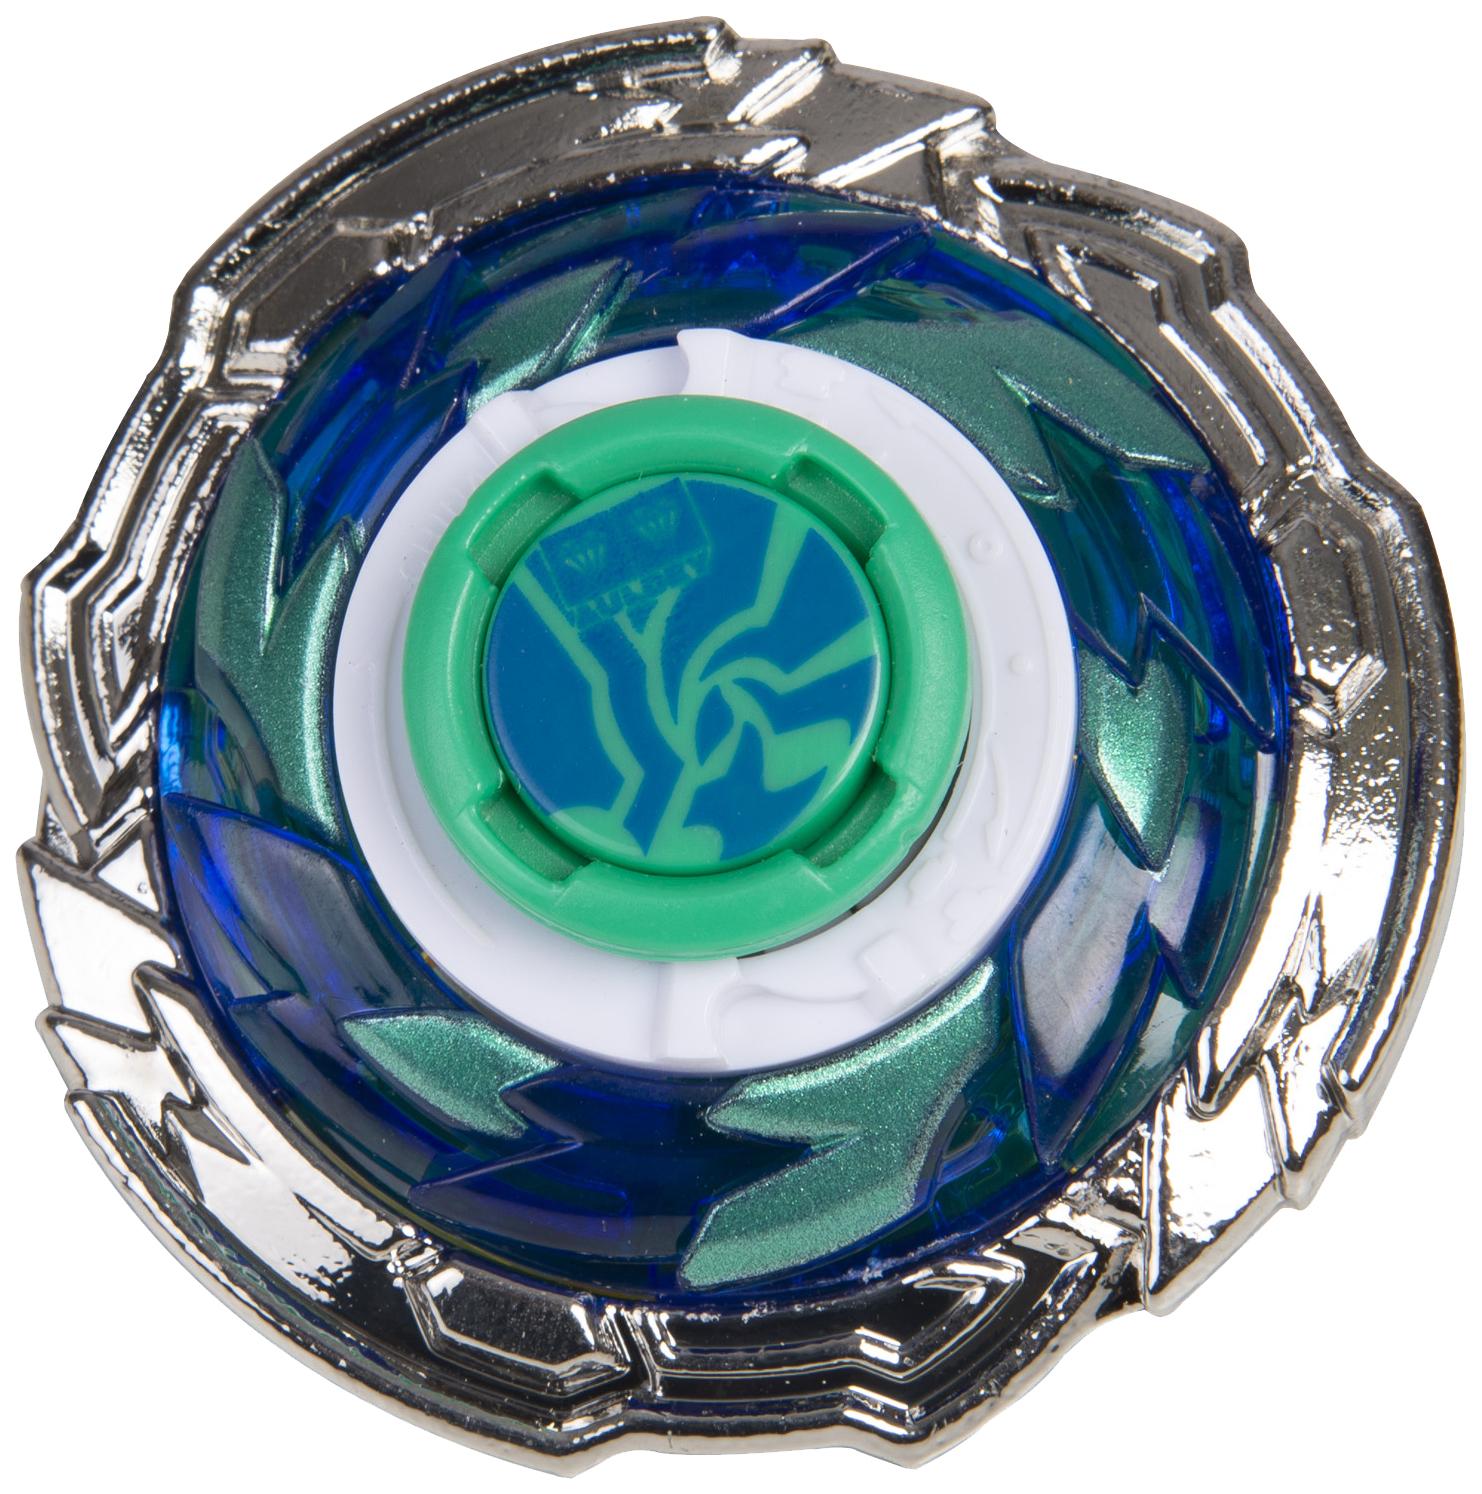 Купить Infinity Nado 36046I Инфинити Надо Волчок Стандарт, Super Whisker, NoBrand, Игровые наборы